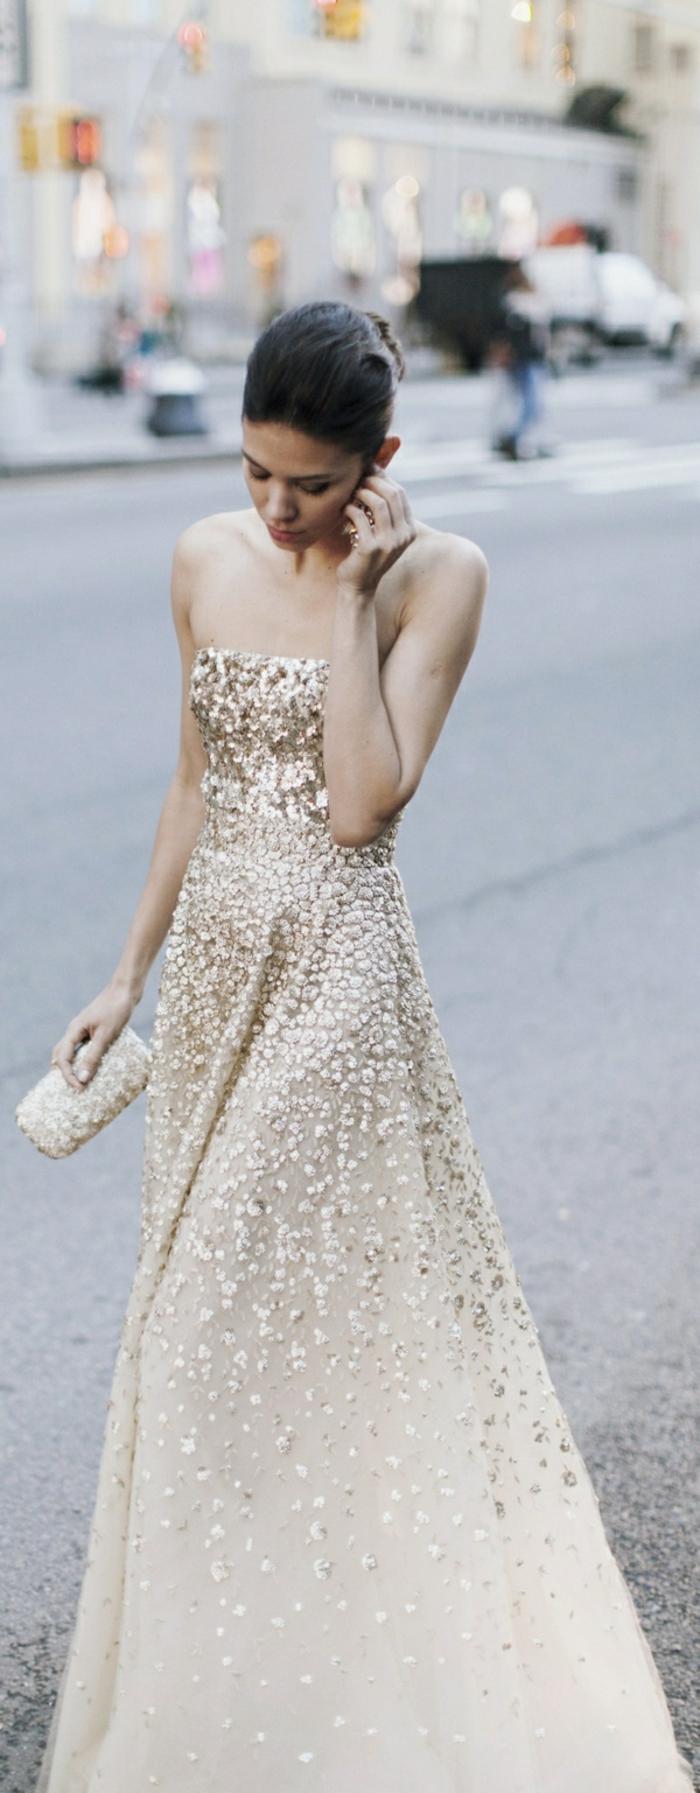 La meilleure robe habillée que vous pouvez choisir! - Archzine.fr 5d40ee7bb537